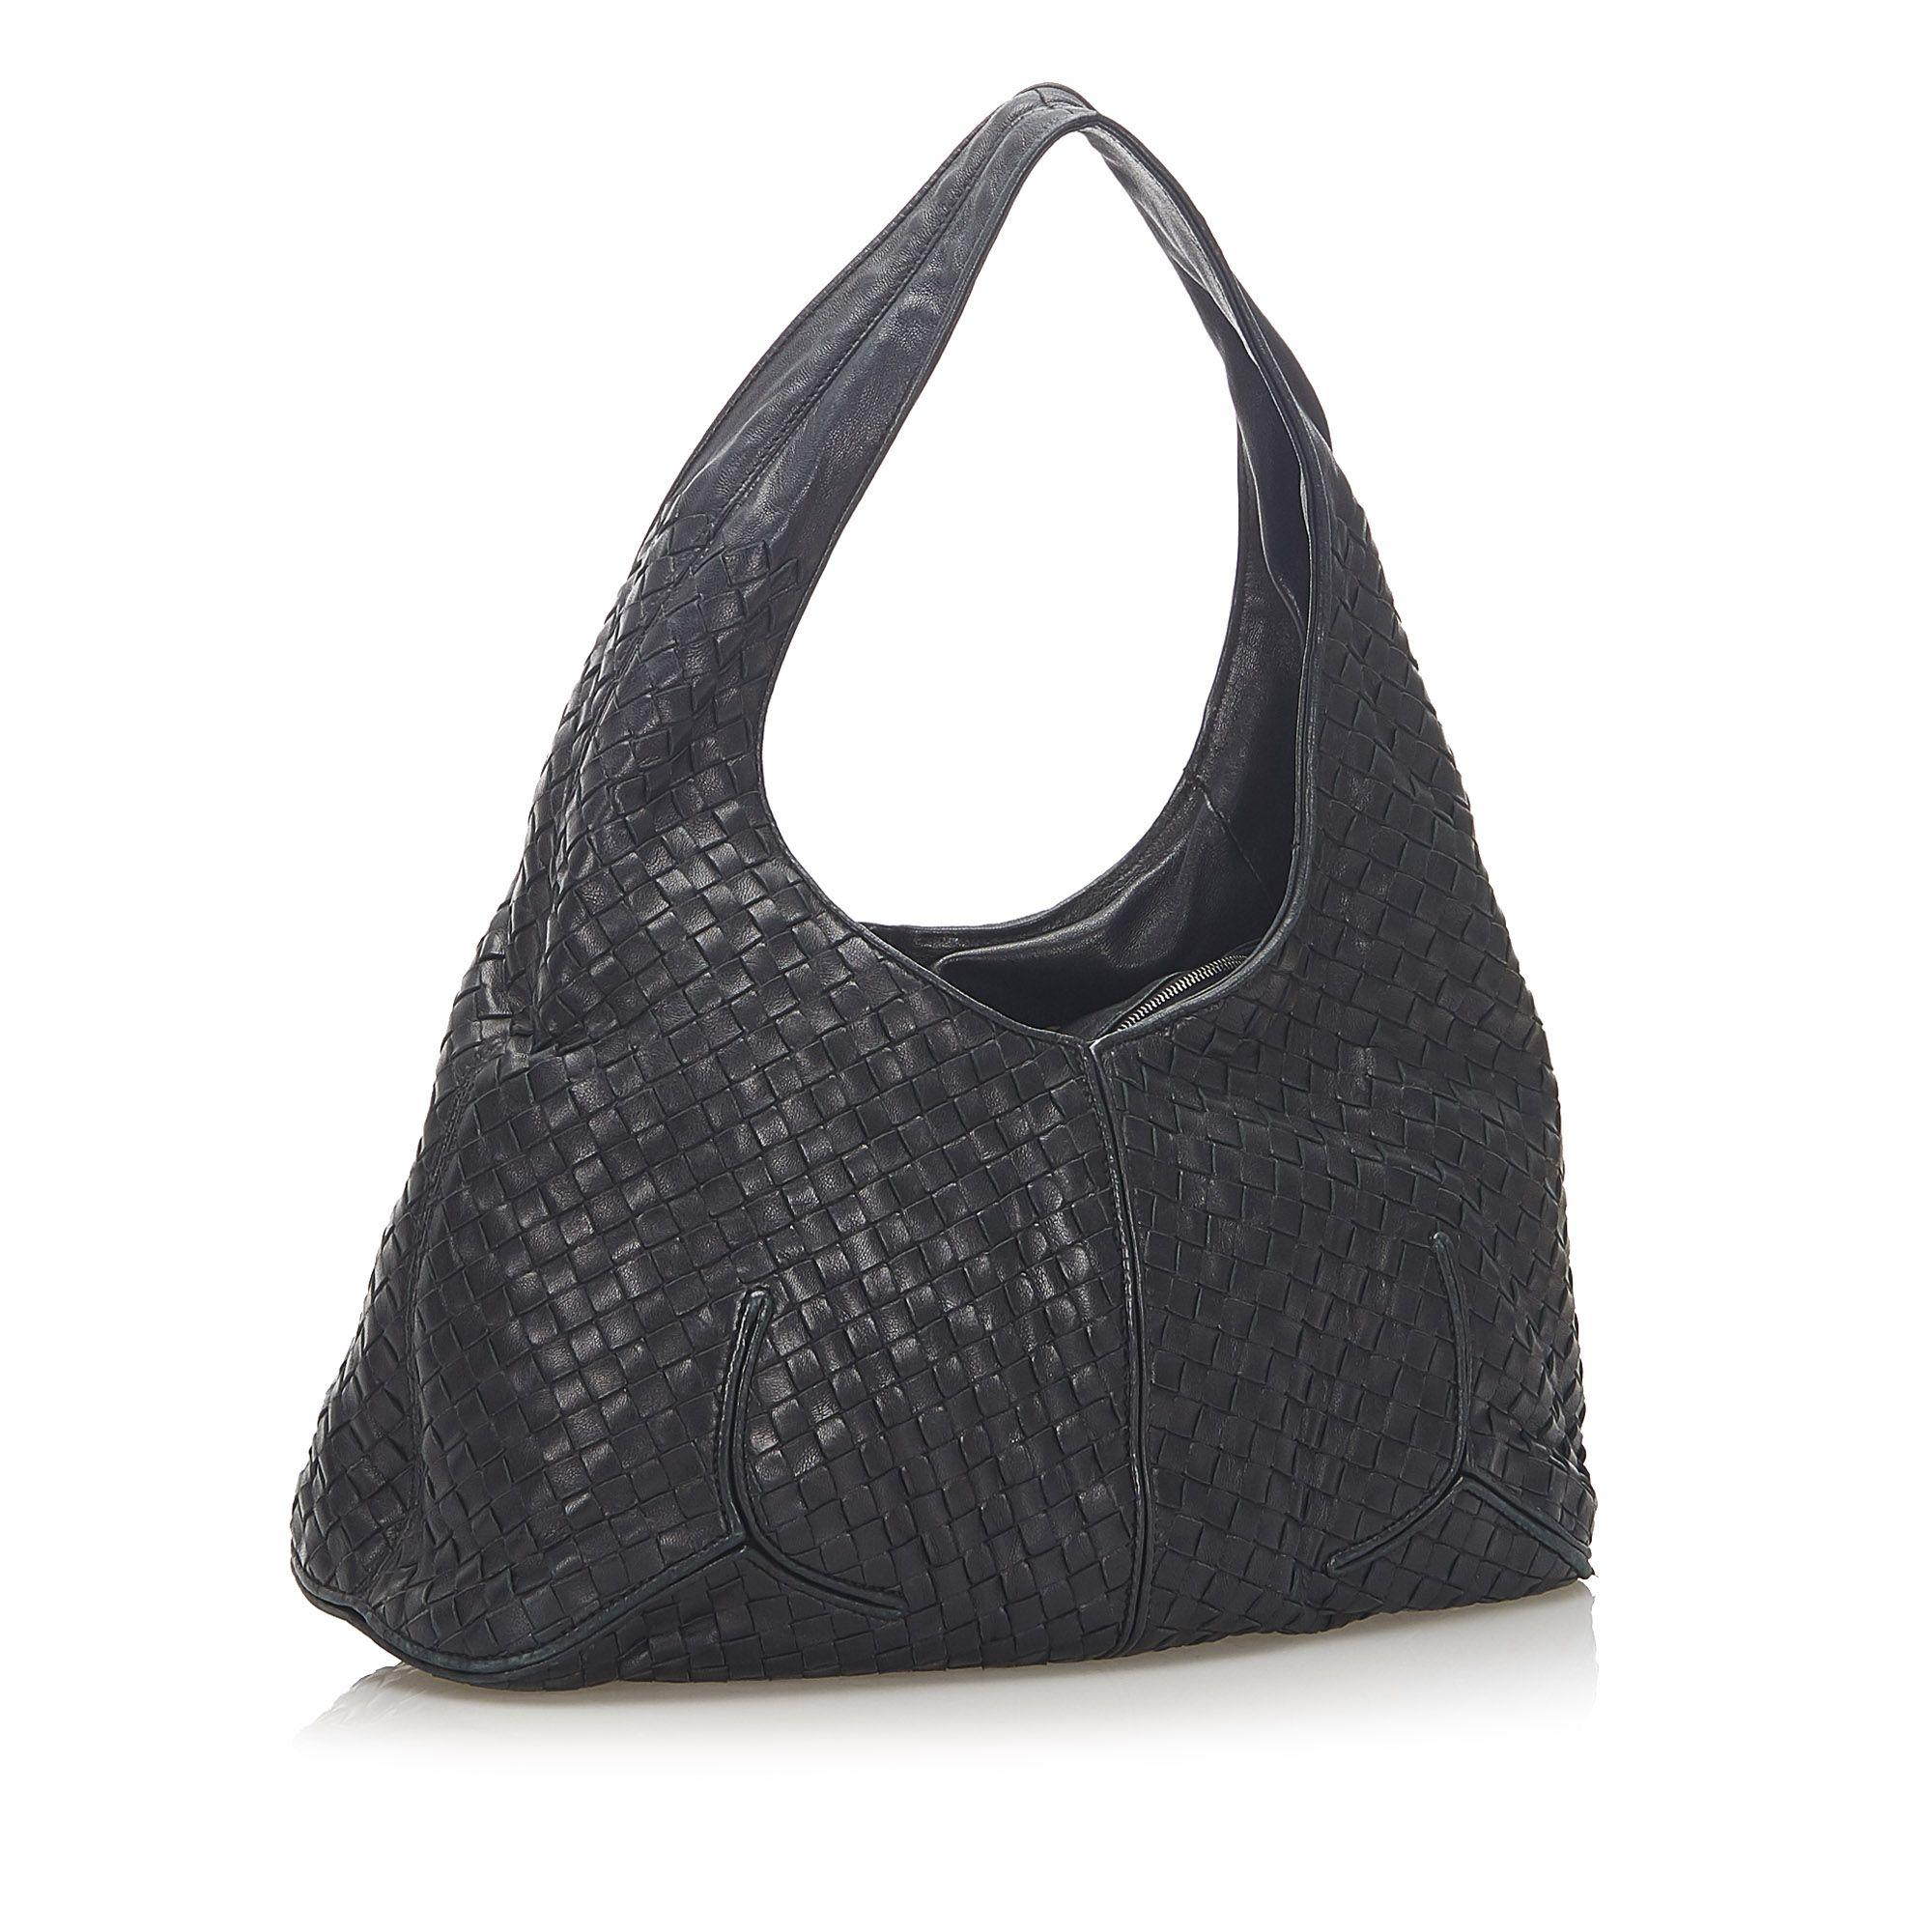 Vintage Bottega Veneta Intrecciato Leather Hobo Bag Black